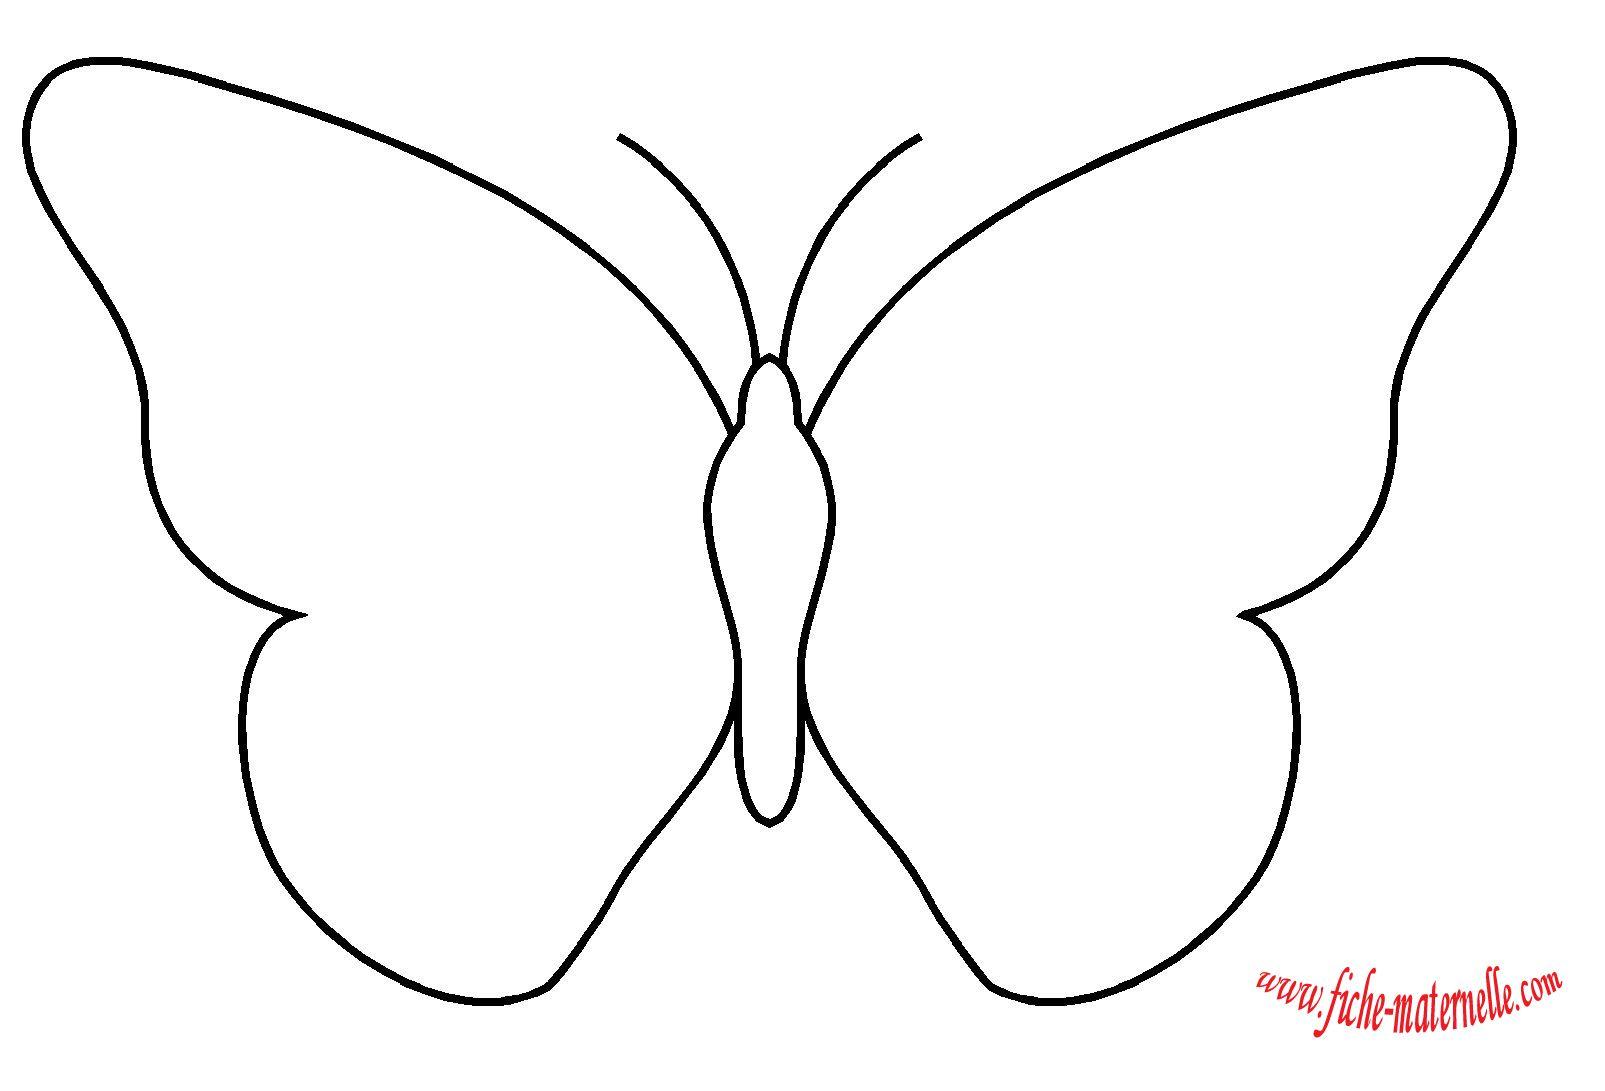 Tracer les silhouettes l interieur des figures cr ation dessin papillon facile dessin - Silhouette papillon imprimer ...